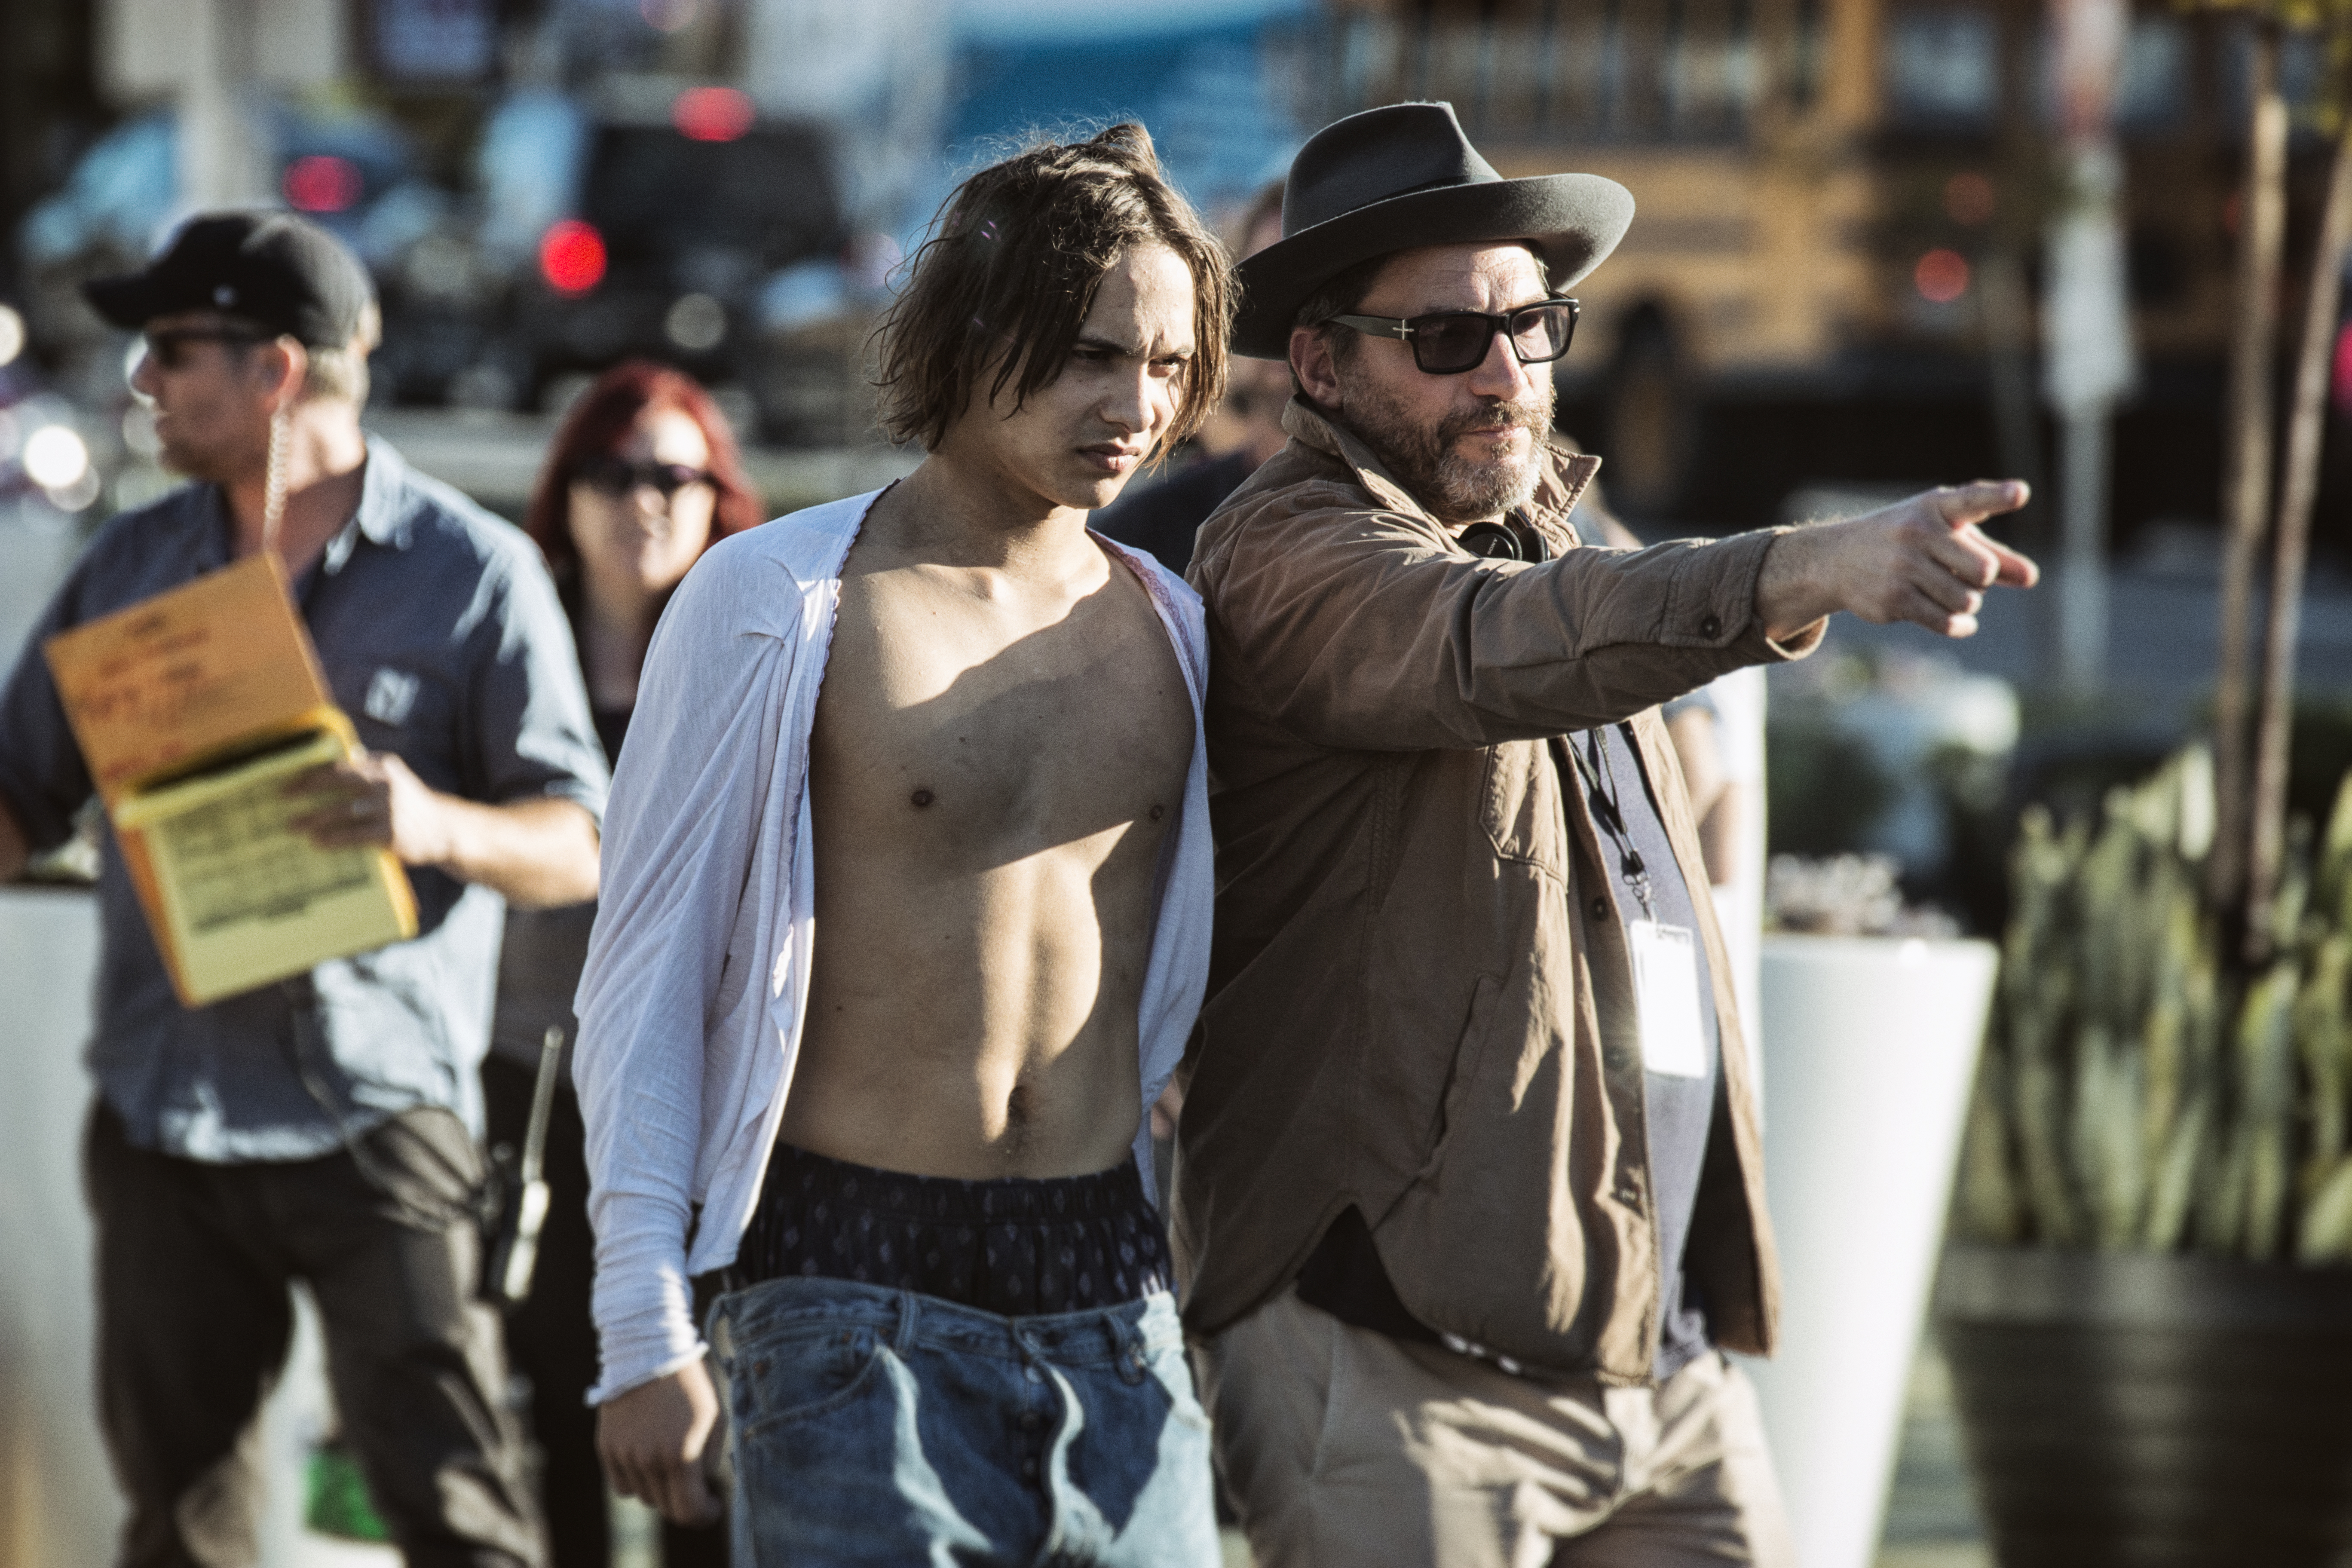 Frank Dillane como Nick e Co-Produtor Executivo Adam Davidson - Fear the Walking Dead 1ª Temporada, Episódio 1 | Foto por Justin Lubin/AMC